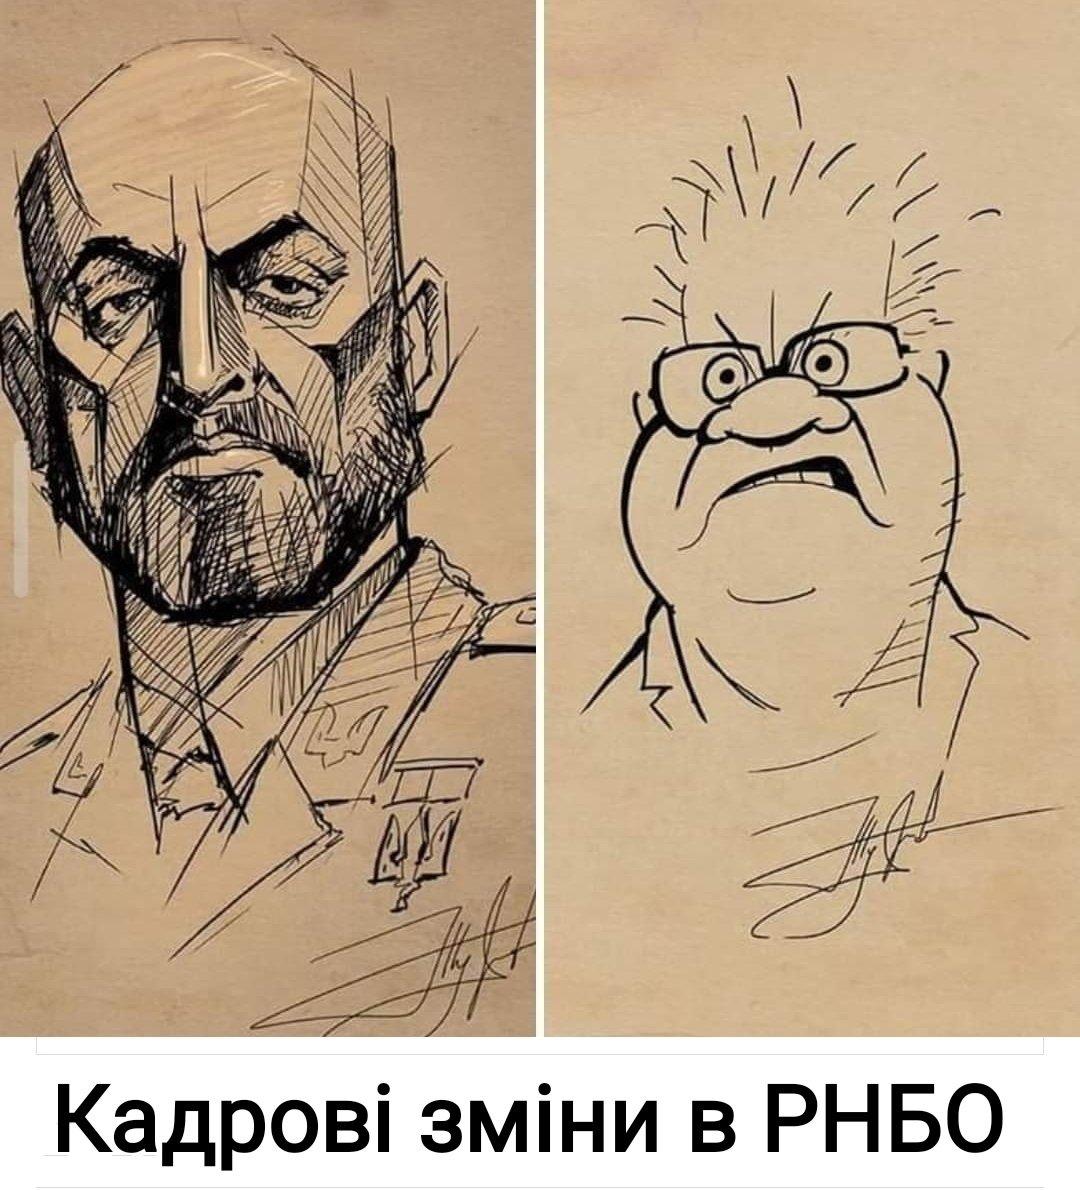 Я не знав про заморожування військової допомоги Україні під час телефонної розмови з Трампом, - Зеленський - Цензор.НЕТ 6191